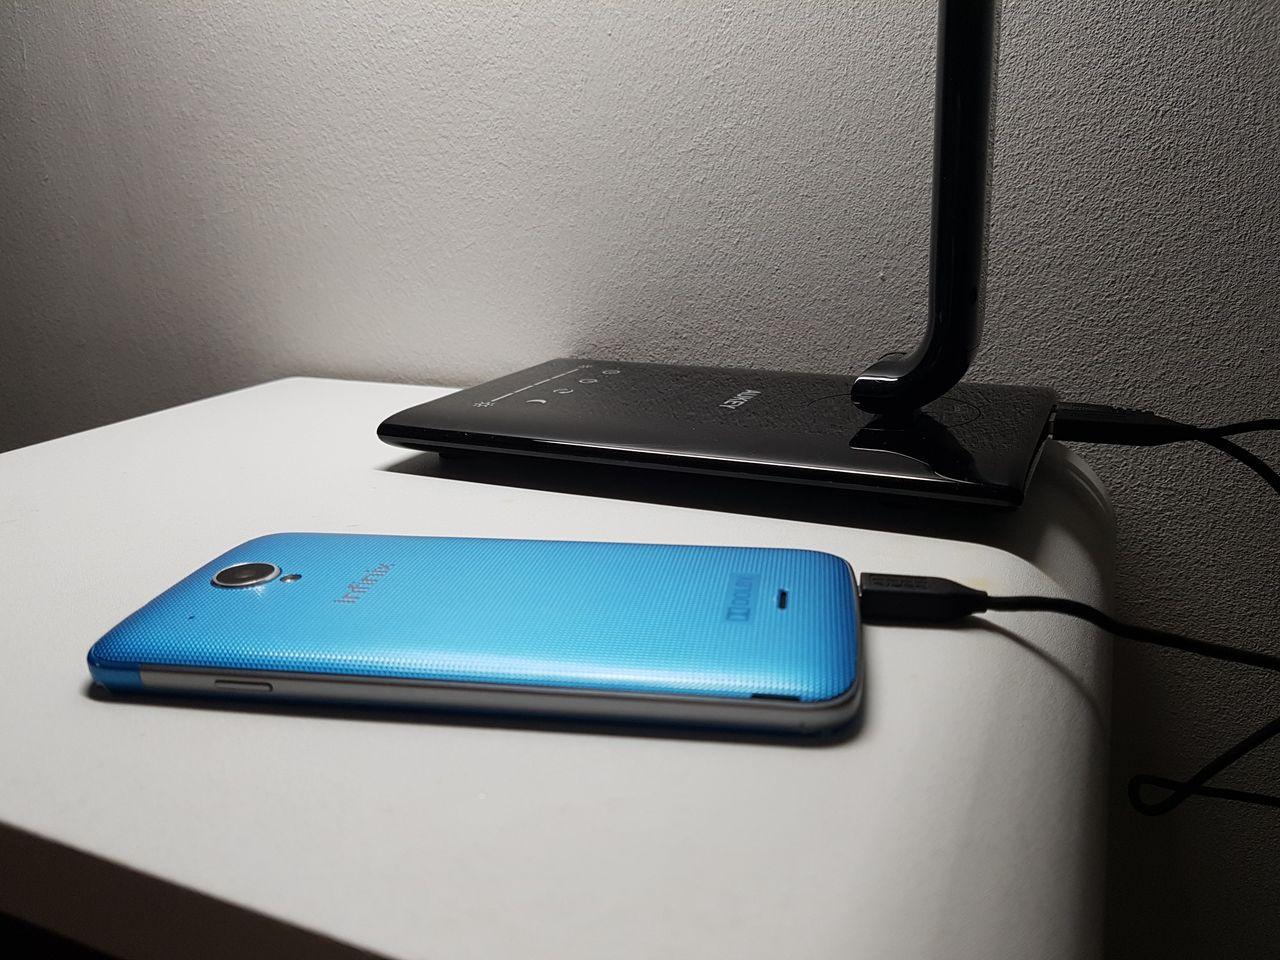 Rechargement d'un smartphone grâce à la lampe d'Aukey